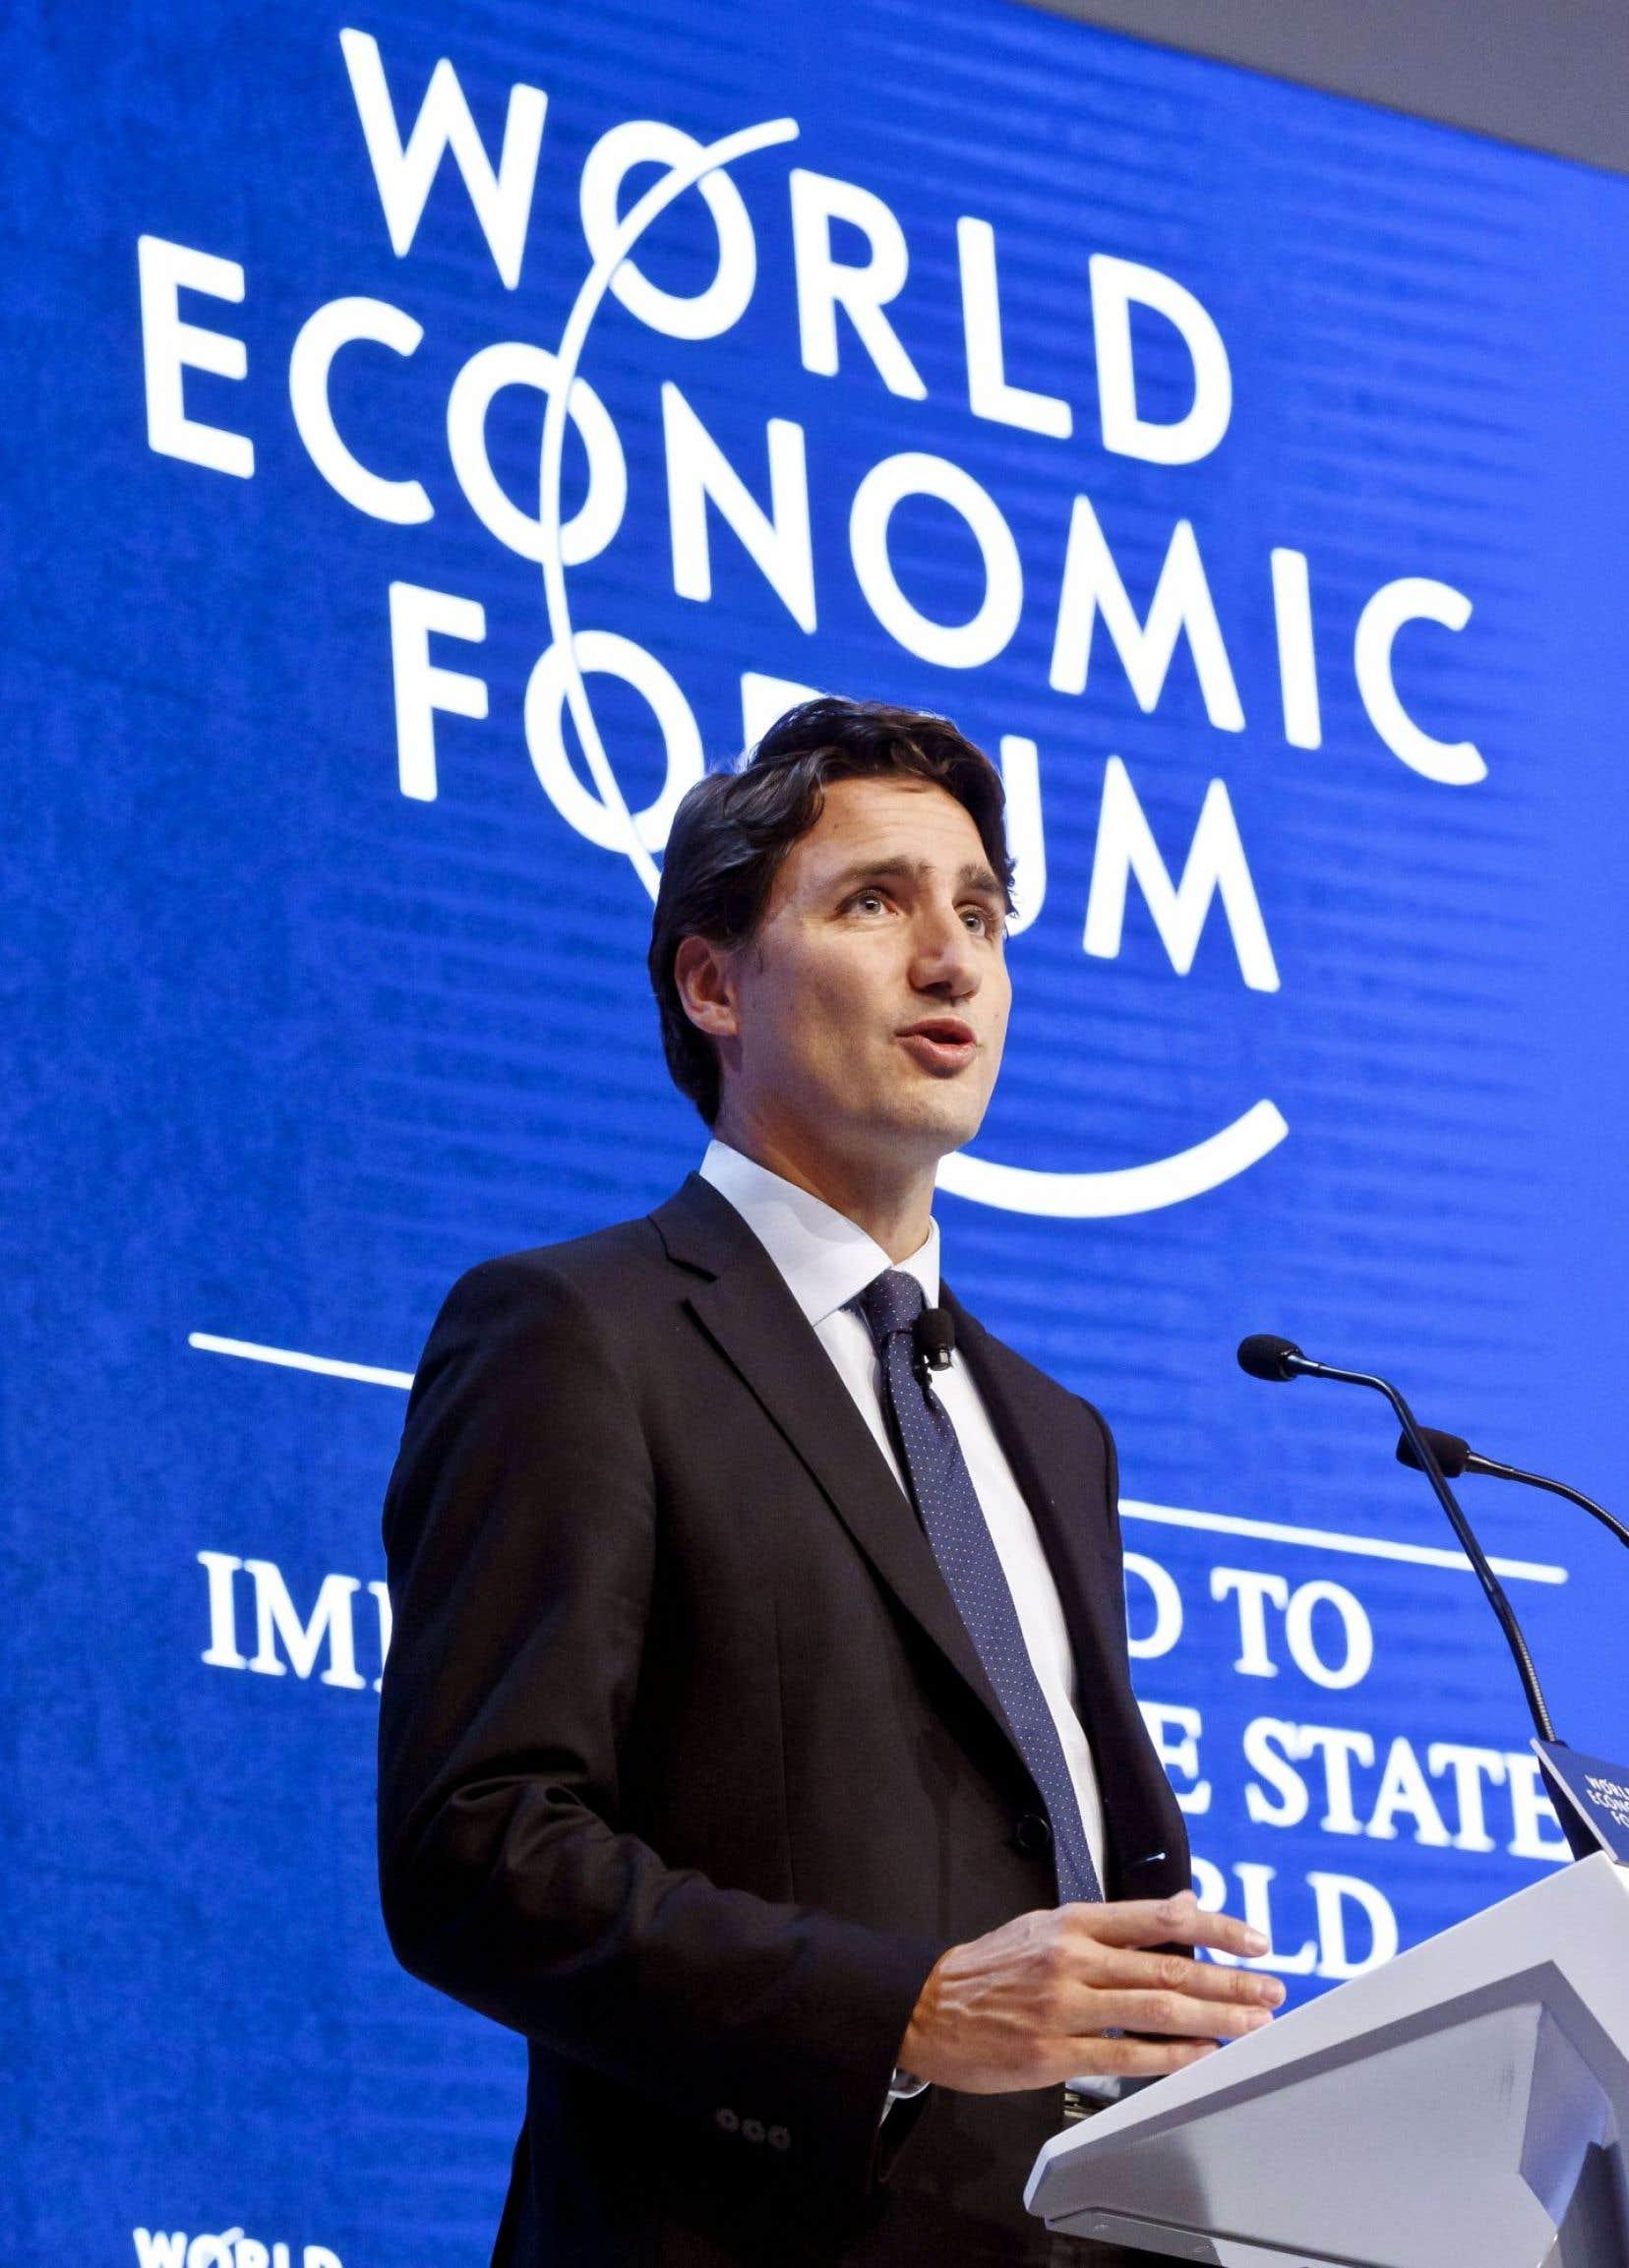 Justin Trudeau à Davos: «Les Canadiens savent toutefois que la croissance et la prospérité ne tiennent pas seulement à ce qui se trouve sous nos pieds, mais surtout à ce que nous avons entre les oreilles. »